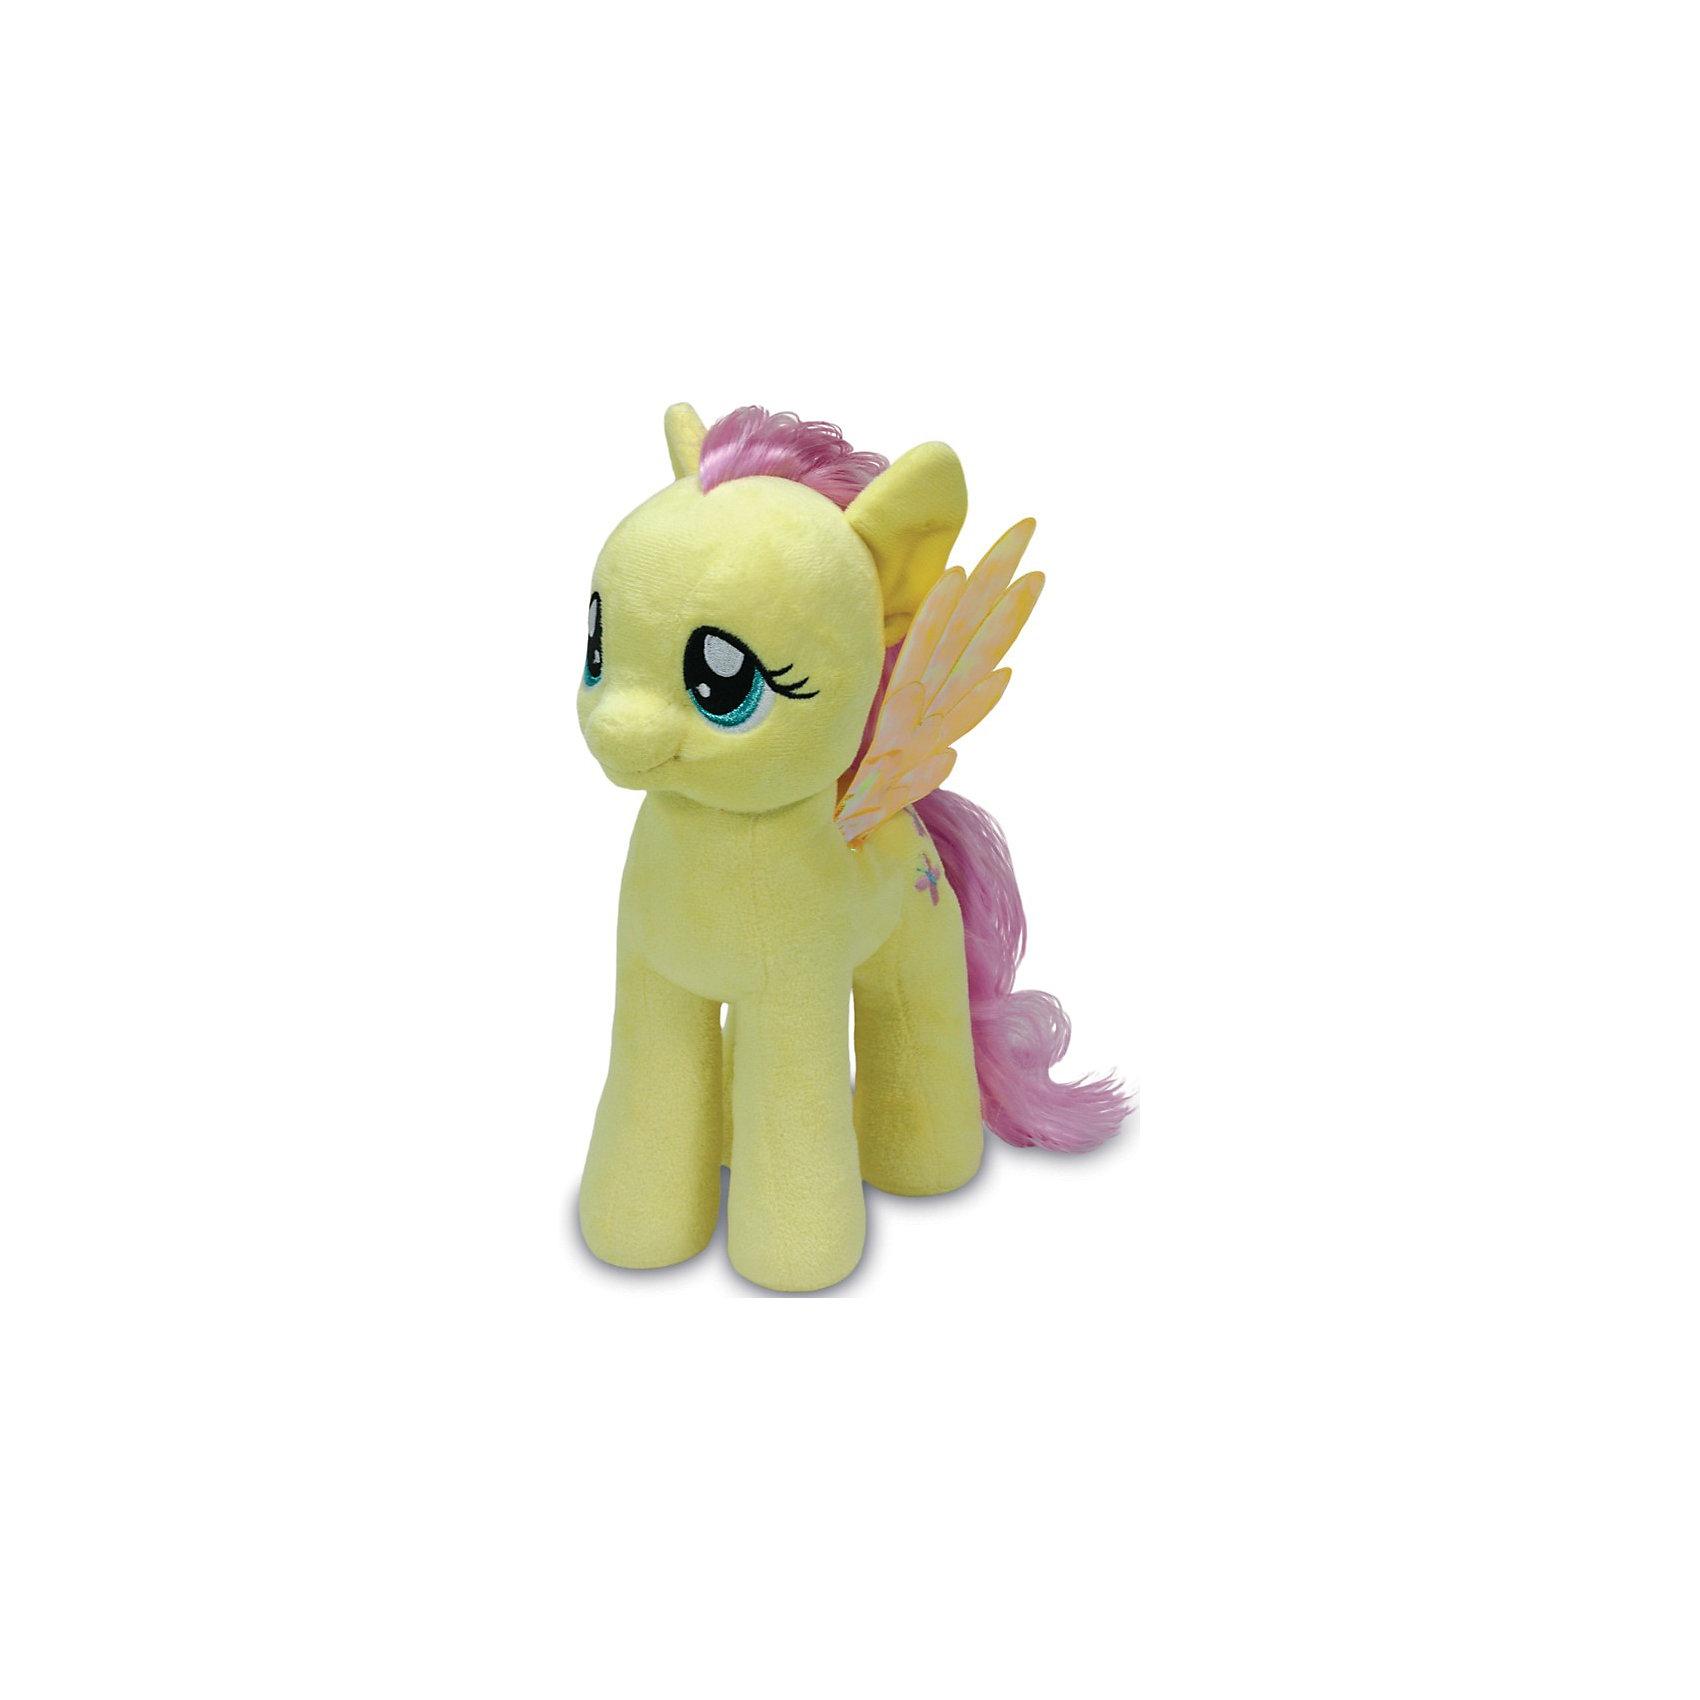 Пони Флаттершай, 51см,  My little PonyЛюбимые герои<br>Мягкая игрушка Пони Флаттершай, My little Pony порадует всех юных поклонниц волшебных лошадок из популярного мультсериала Моя маленькая Пони: Дружба -это чудо ( My Little Pony: Friendship IsMagic). Пони Флаттершай (Fluttershy) - добрая, застенчивая пони-пегас, она очень любит животных и понимает их язык. Внешний вид игрушки полностью соответствует своей героине из мультфильма. У лошадки мягкая, приятная на ощупь желтая шерстка, розовые грива и хвост и блестящие крылышки. Глазки и знак отличия - порхающие бабочки искусно вышиты. Игрушка выполнена из качественных, безопасных для детей материалов.<br><br>Дополнительная информация:<br><br>- Материал: искусственный мех, синтепон.<br>- Размер игрушки: 51 см.<br>- Размер упаковки: 40 x 25 x 51 см.<br>- Вес: 0,3 кг.<br><br>Мягкую игрушку Пони Флаттершай, My little Pony (Май литл Пони) можно купить в нашем интернет-магазине.<br><br>Ширина мм: 400<br>Глубина мм: 250<br>Высота мм: 510<br>Вес г: 300<br>Возраст от месяцев: 24<br>Возраст до месяцев: 120<br>Пол: Женский<br>Возраст: Детский<br>SKU: 3833923